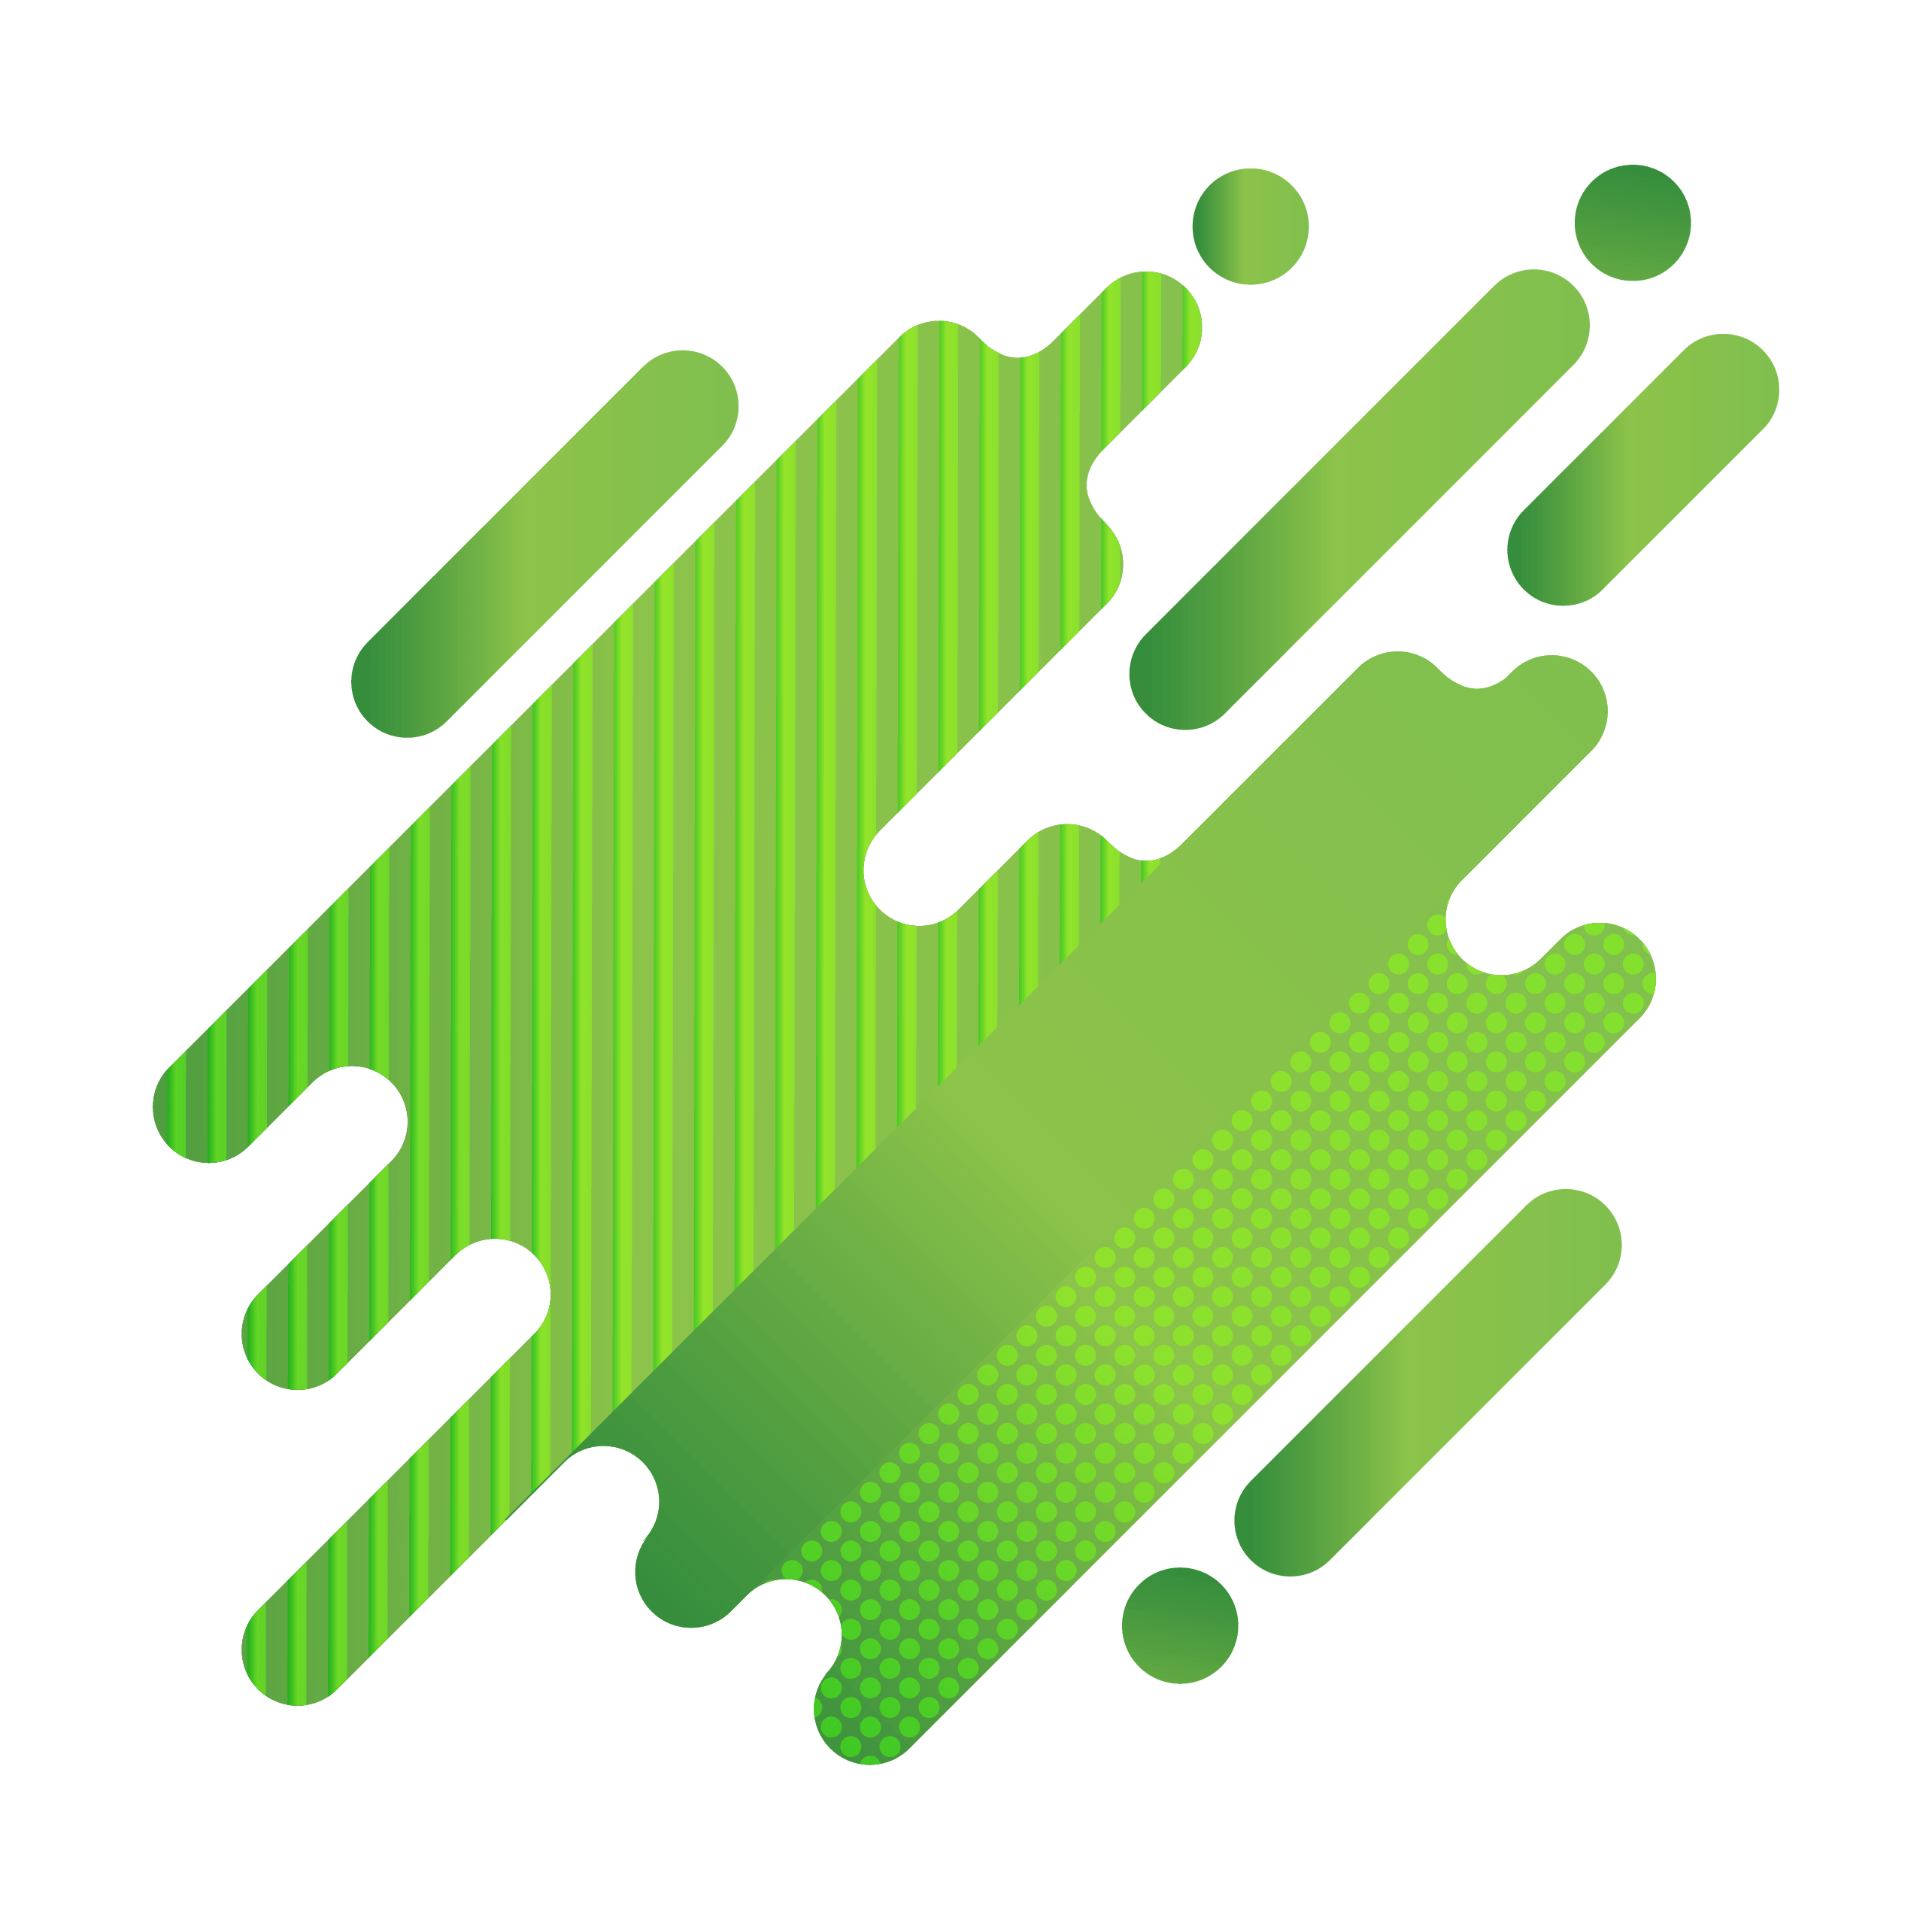 Drukarnia - oferta firmy Agencja Reklamowa DKAmedia